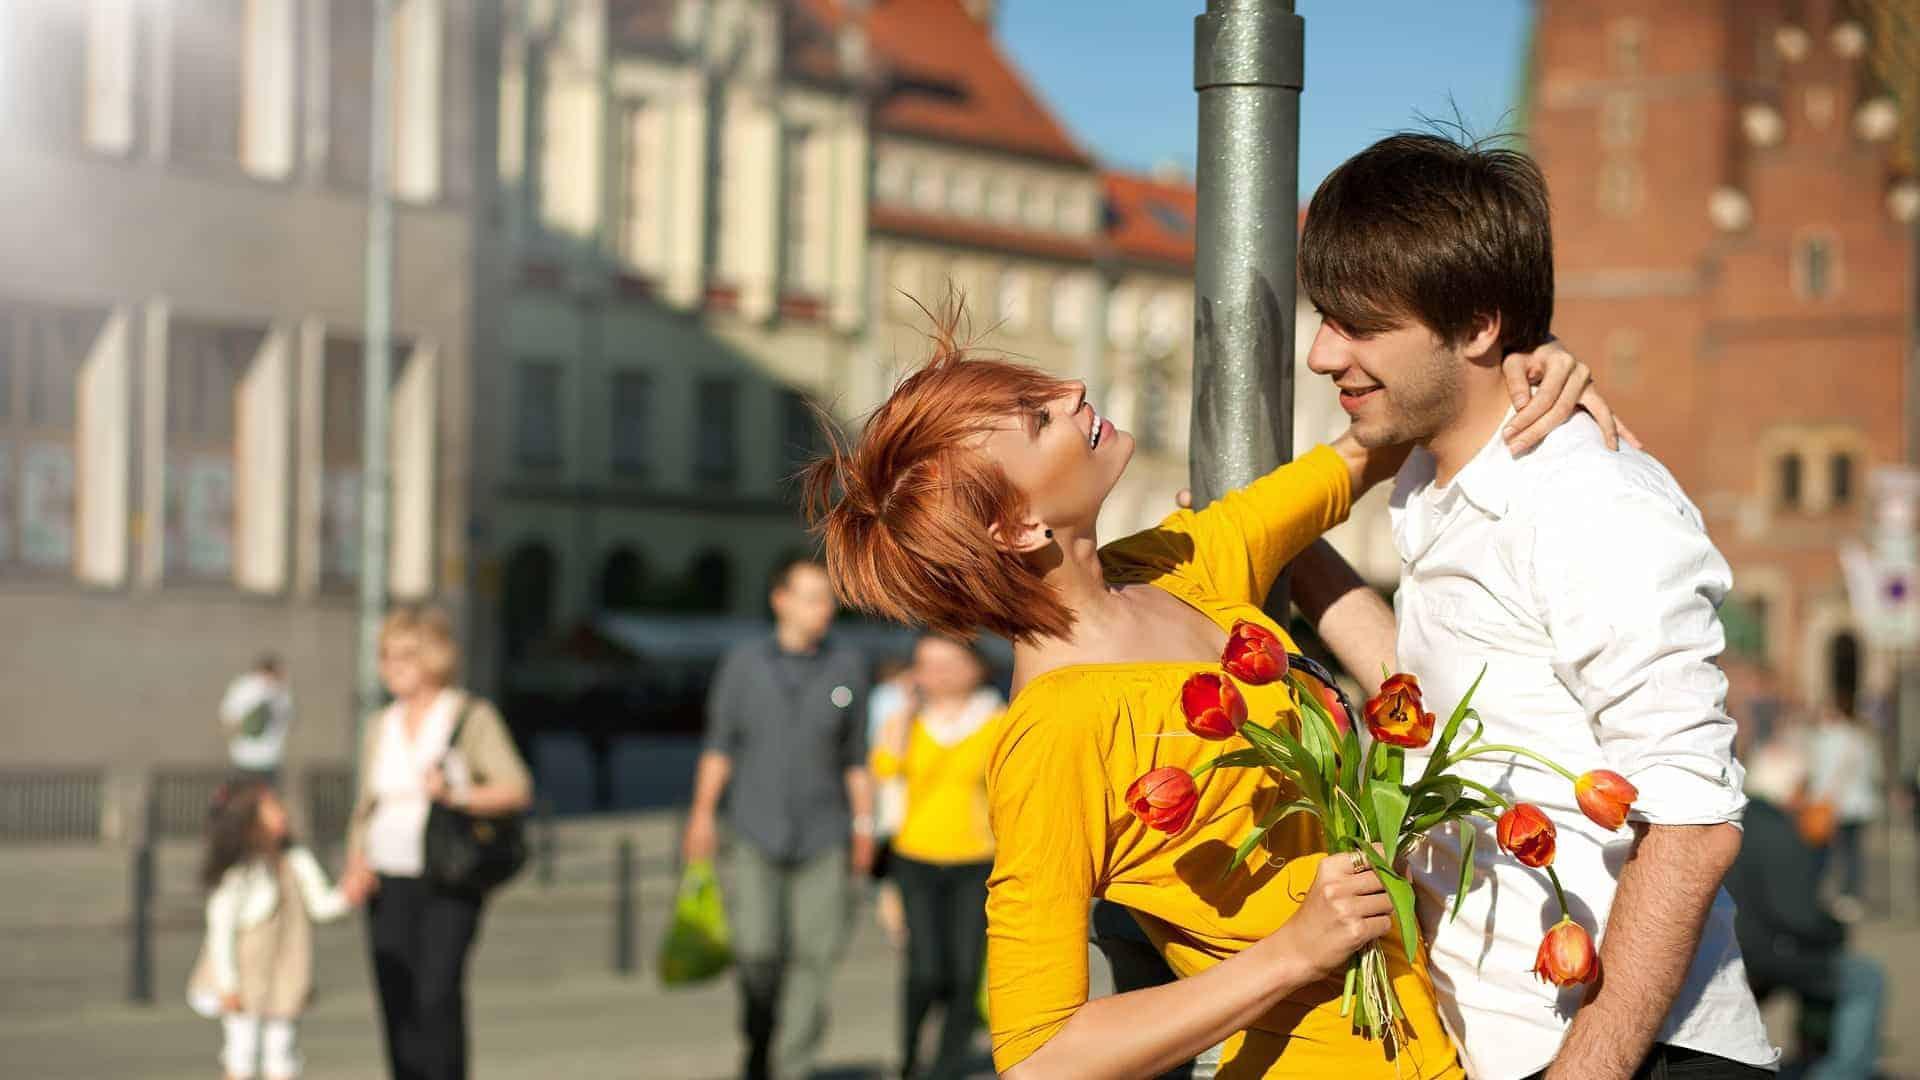 girl dating flowers hugs